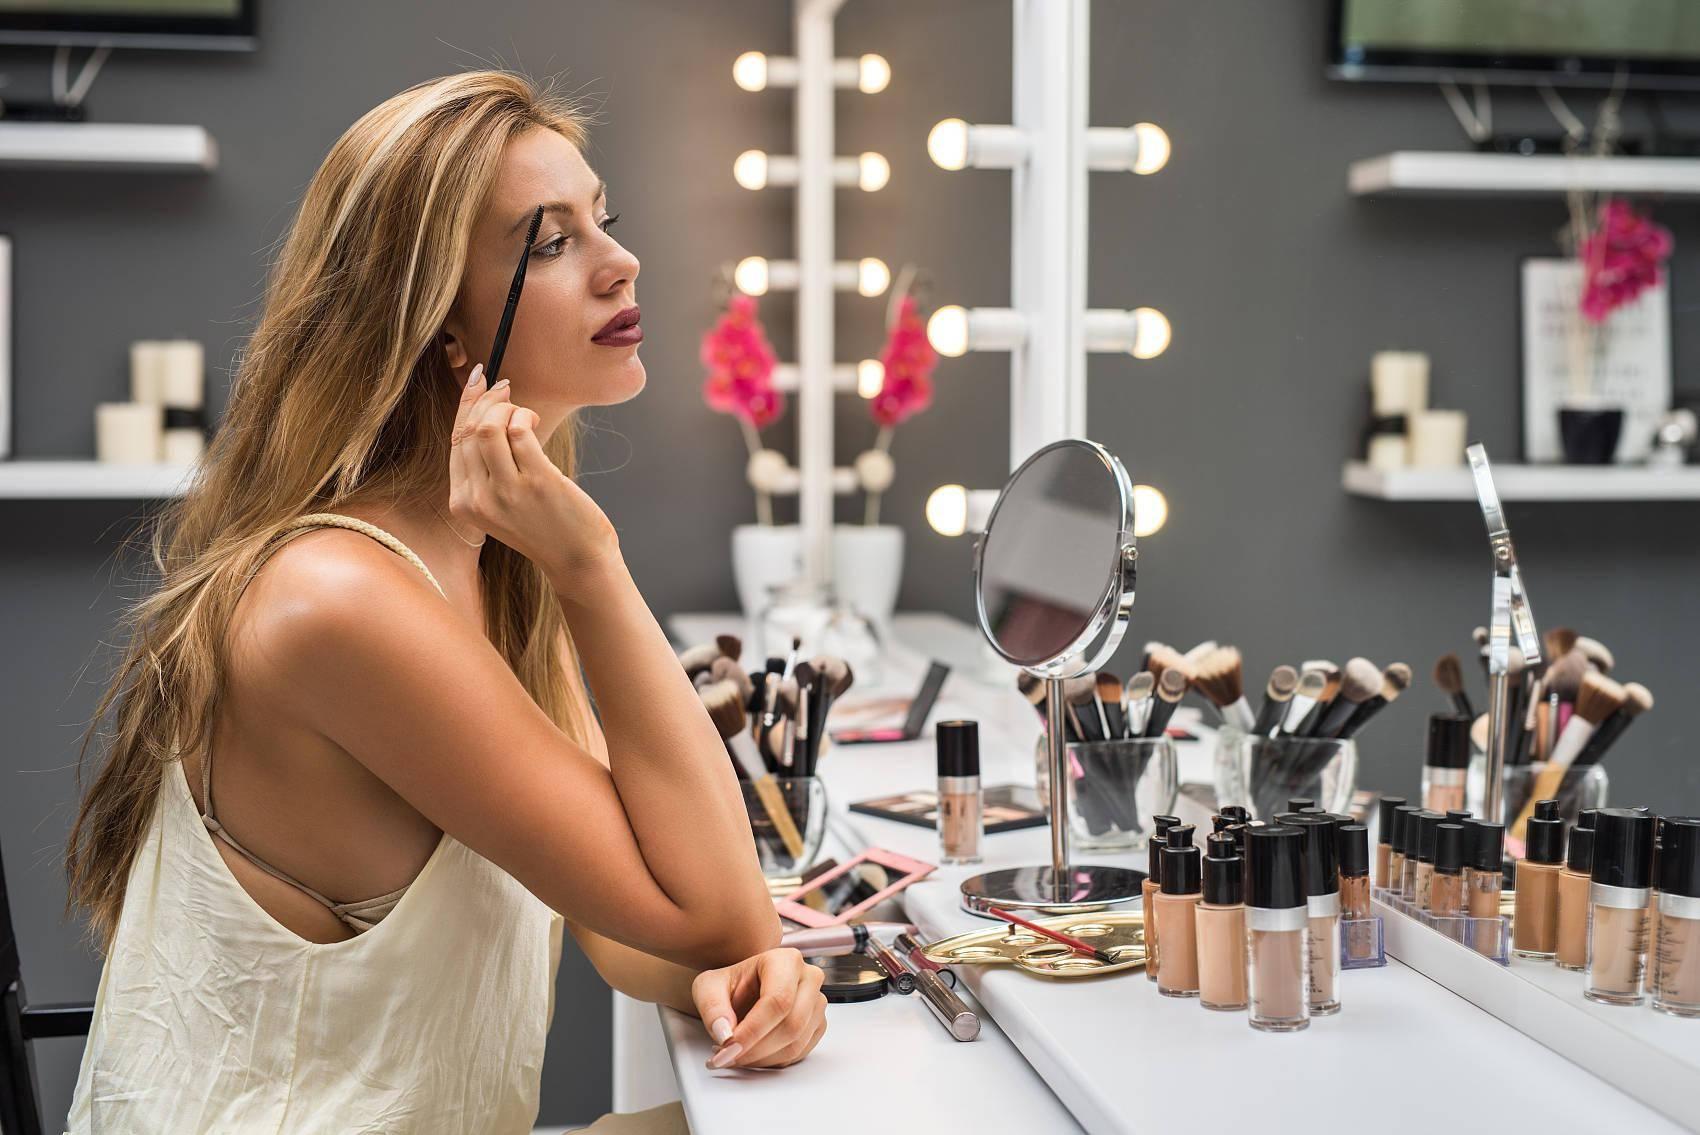 美妆行业营销下半年怎么玩?